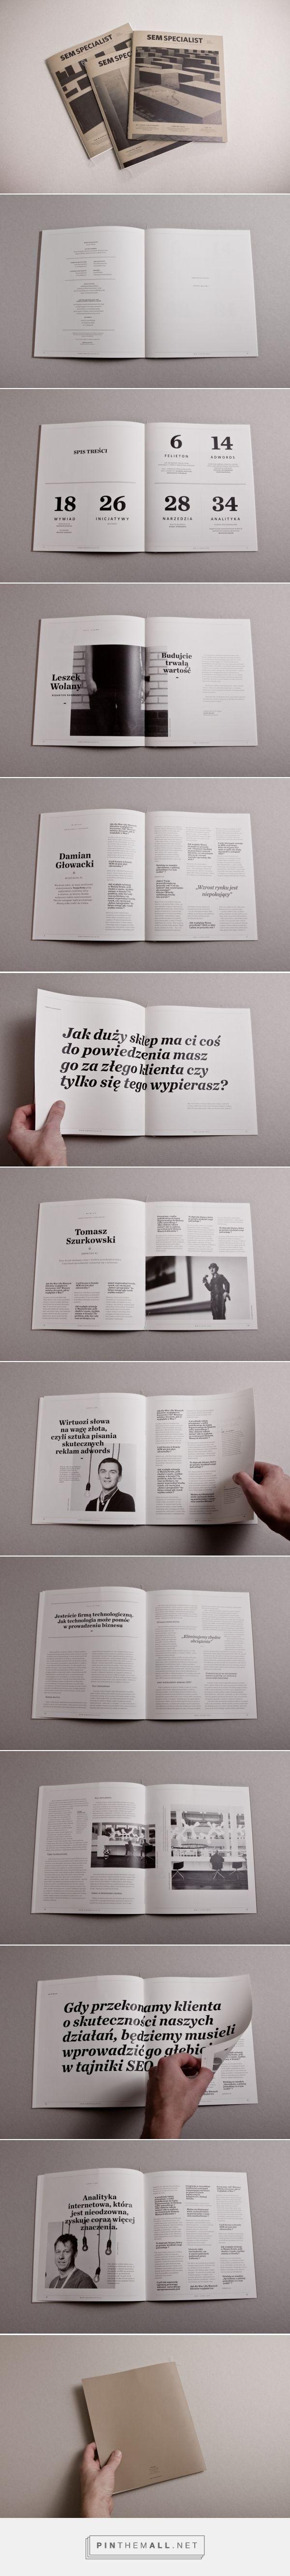 SEM SPECIALIST - Magazine by Paul Marcinkowski